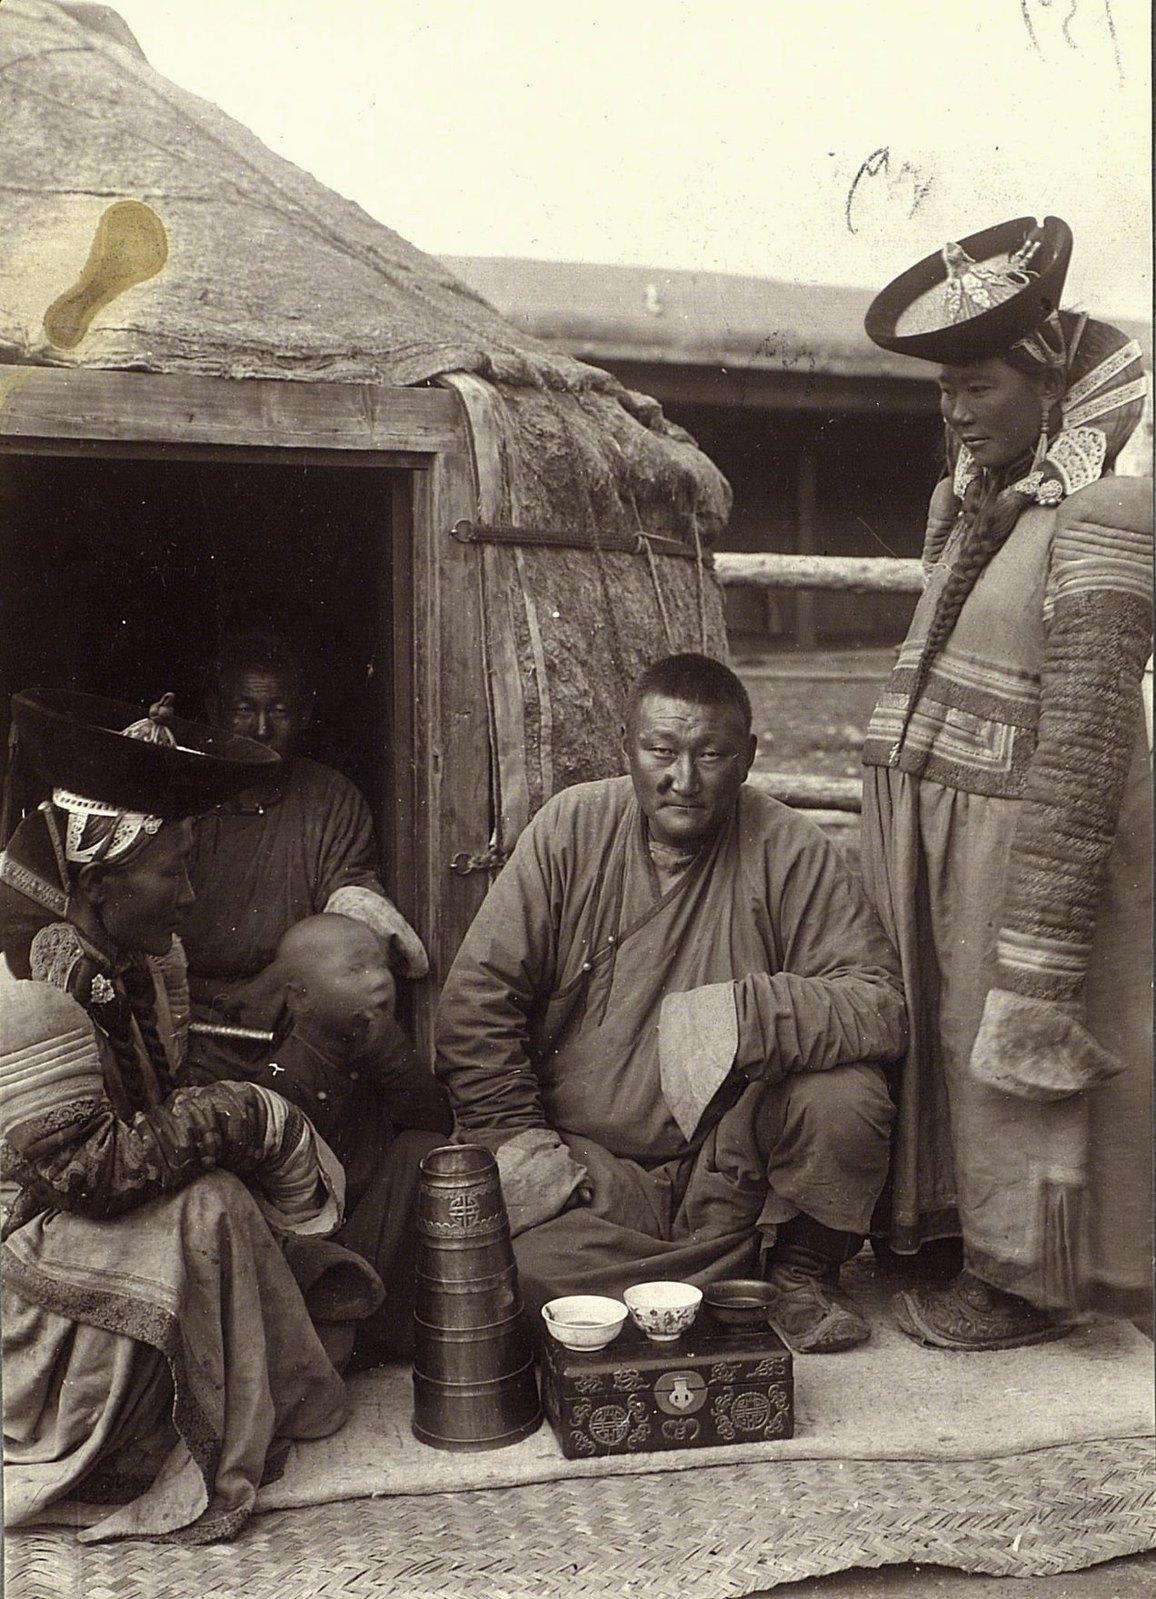 Урга. Семья монгола у юрты